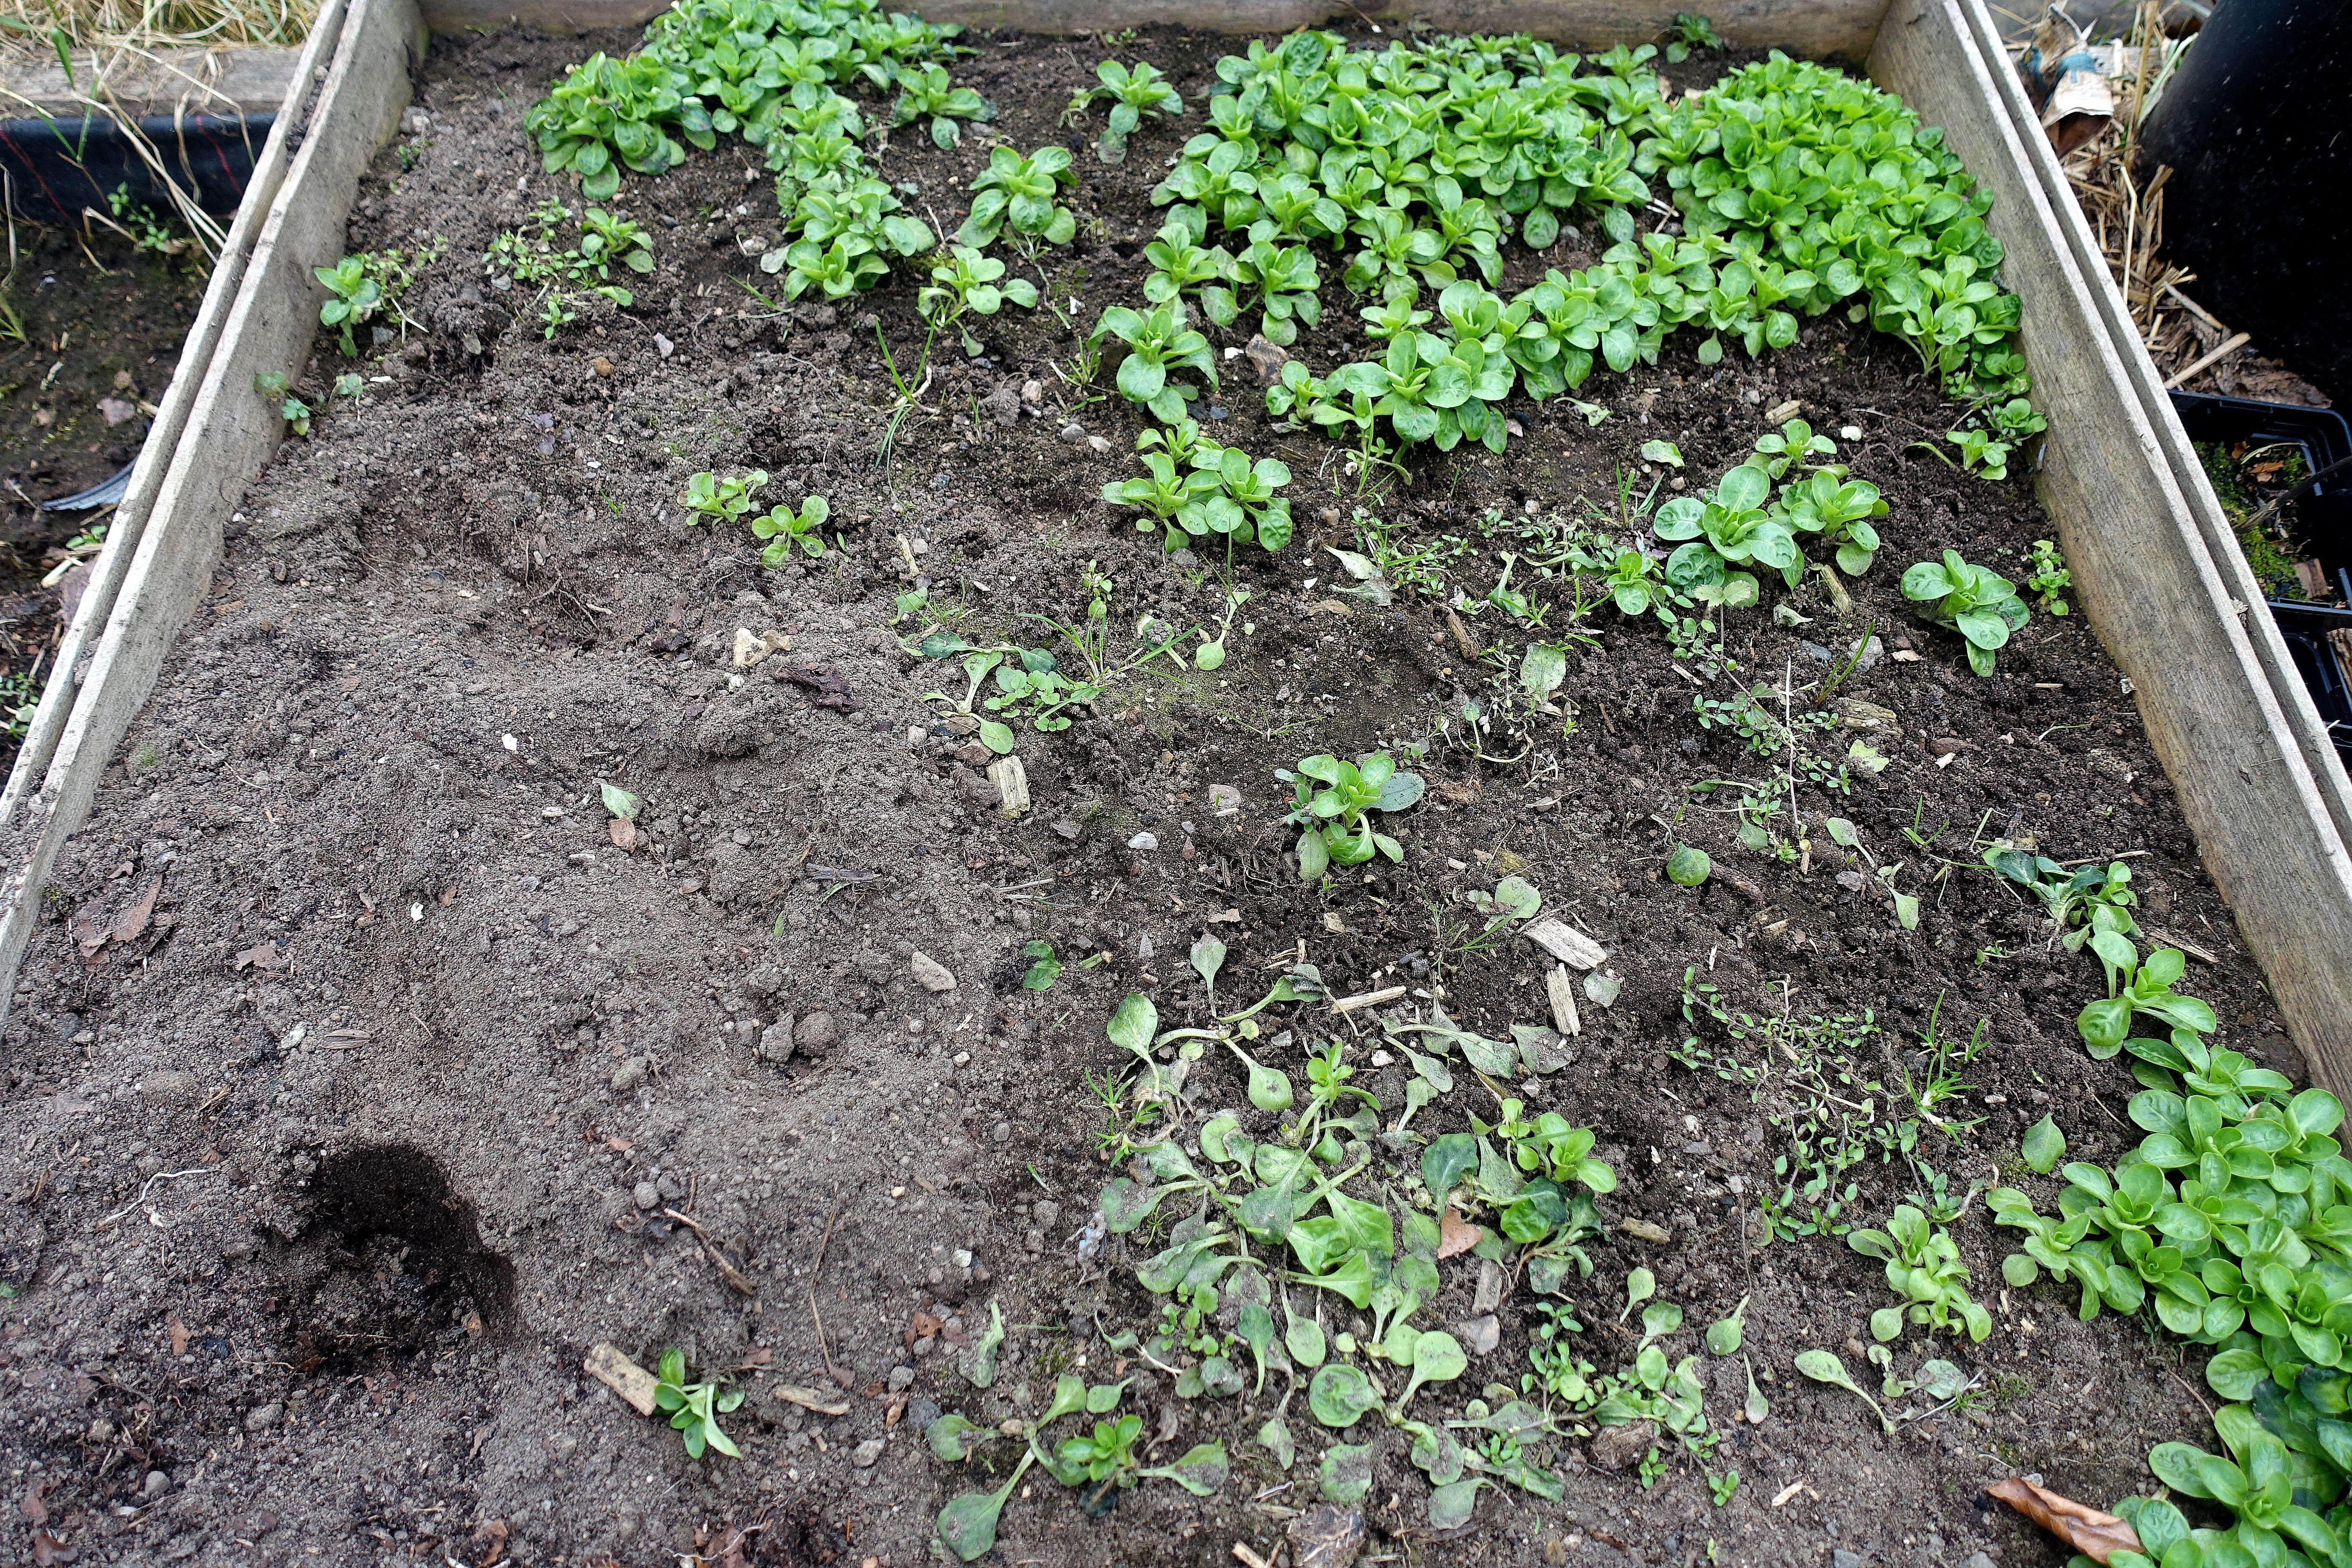 En kvadratmeter jord inom en träram, med några gröna blad som växer i. Vorbote 3, a few green leaves.